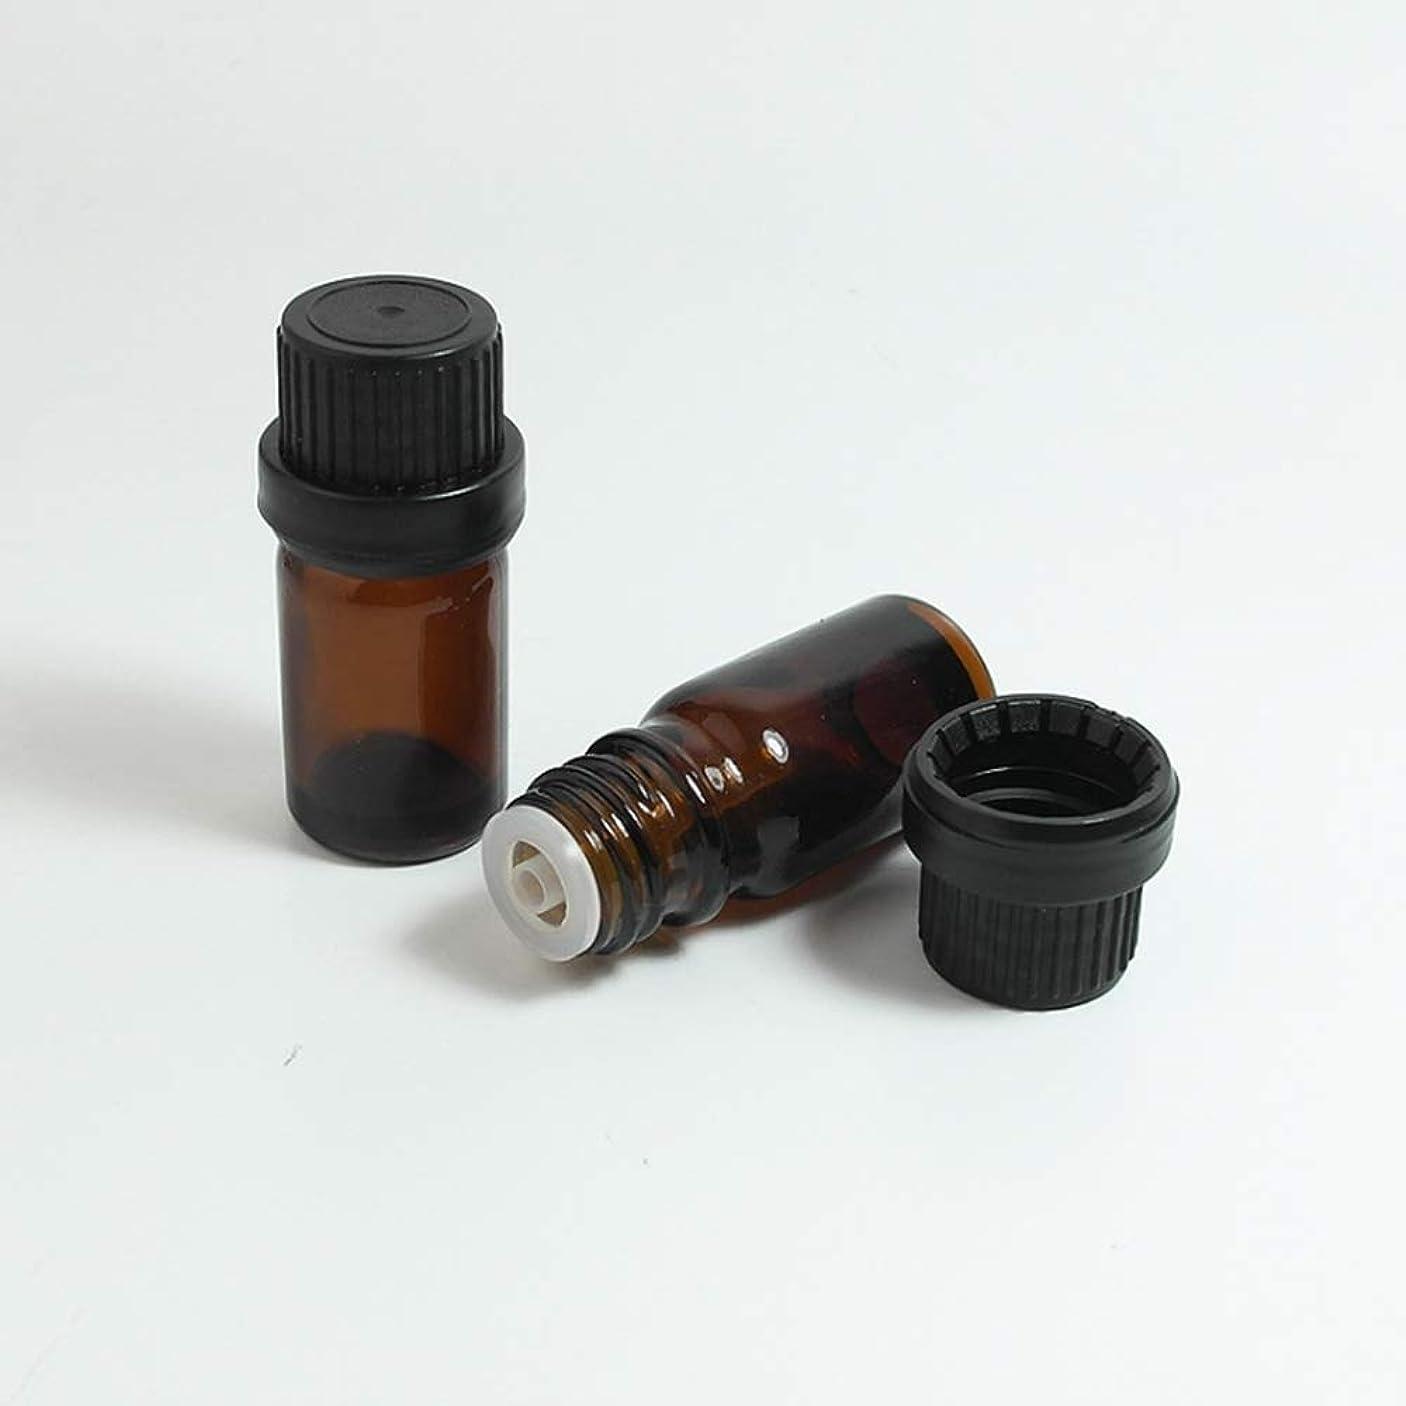 貫通する不誠実広まったSimg アロマオイル 精油 遮光瓶 セット ガラス製 エッセンシャルオイル 保存用 保存容器詰め替え 茶色 10ml 5本セット